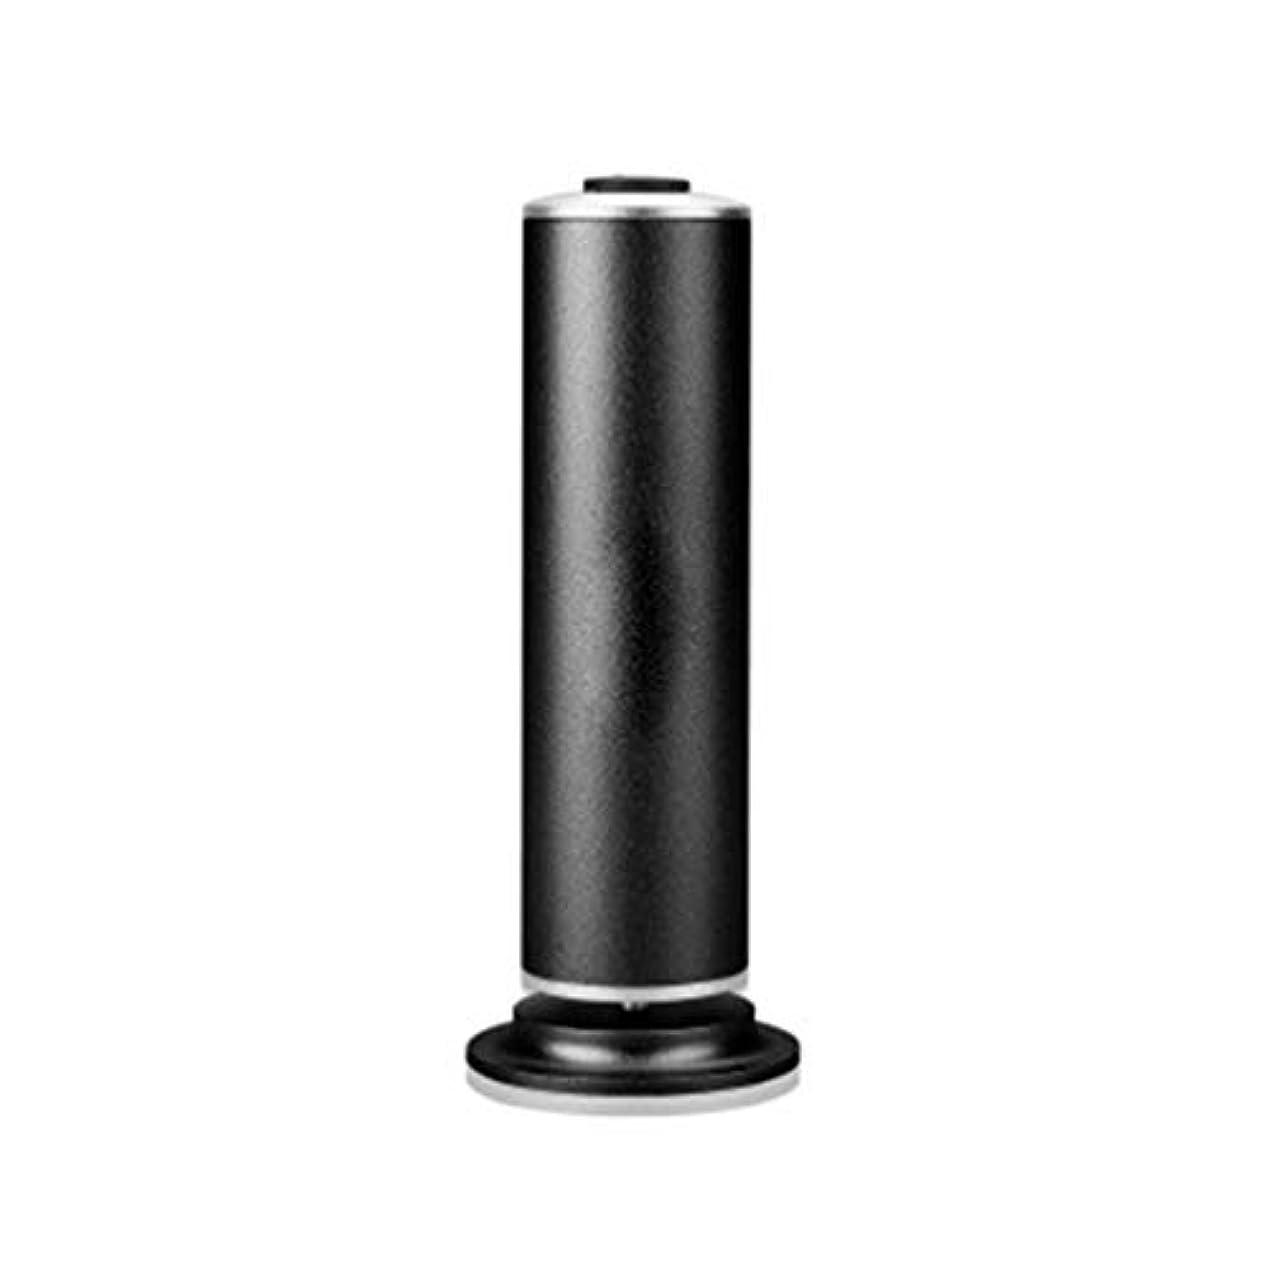 ショップ花瓶ペルソナ電気ハードスキンリムーバー、プロの充電式フットファイル、ペディキュアツール、角質除去、デッドスキンの除去、ドライデッド、ひびの入った足